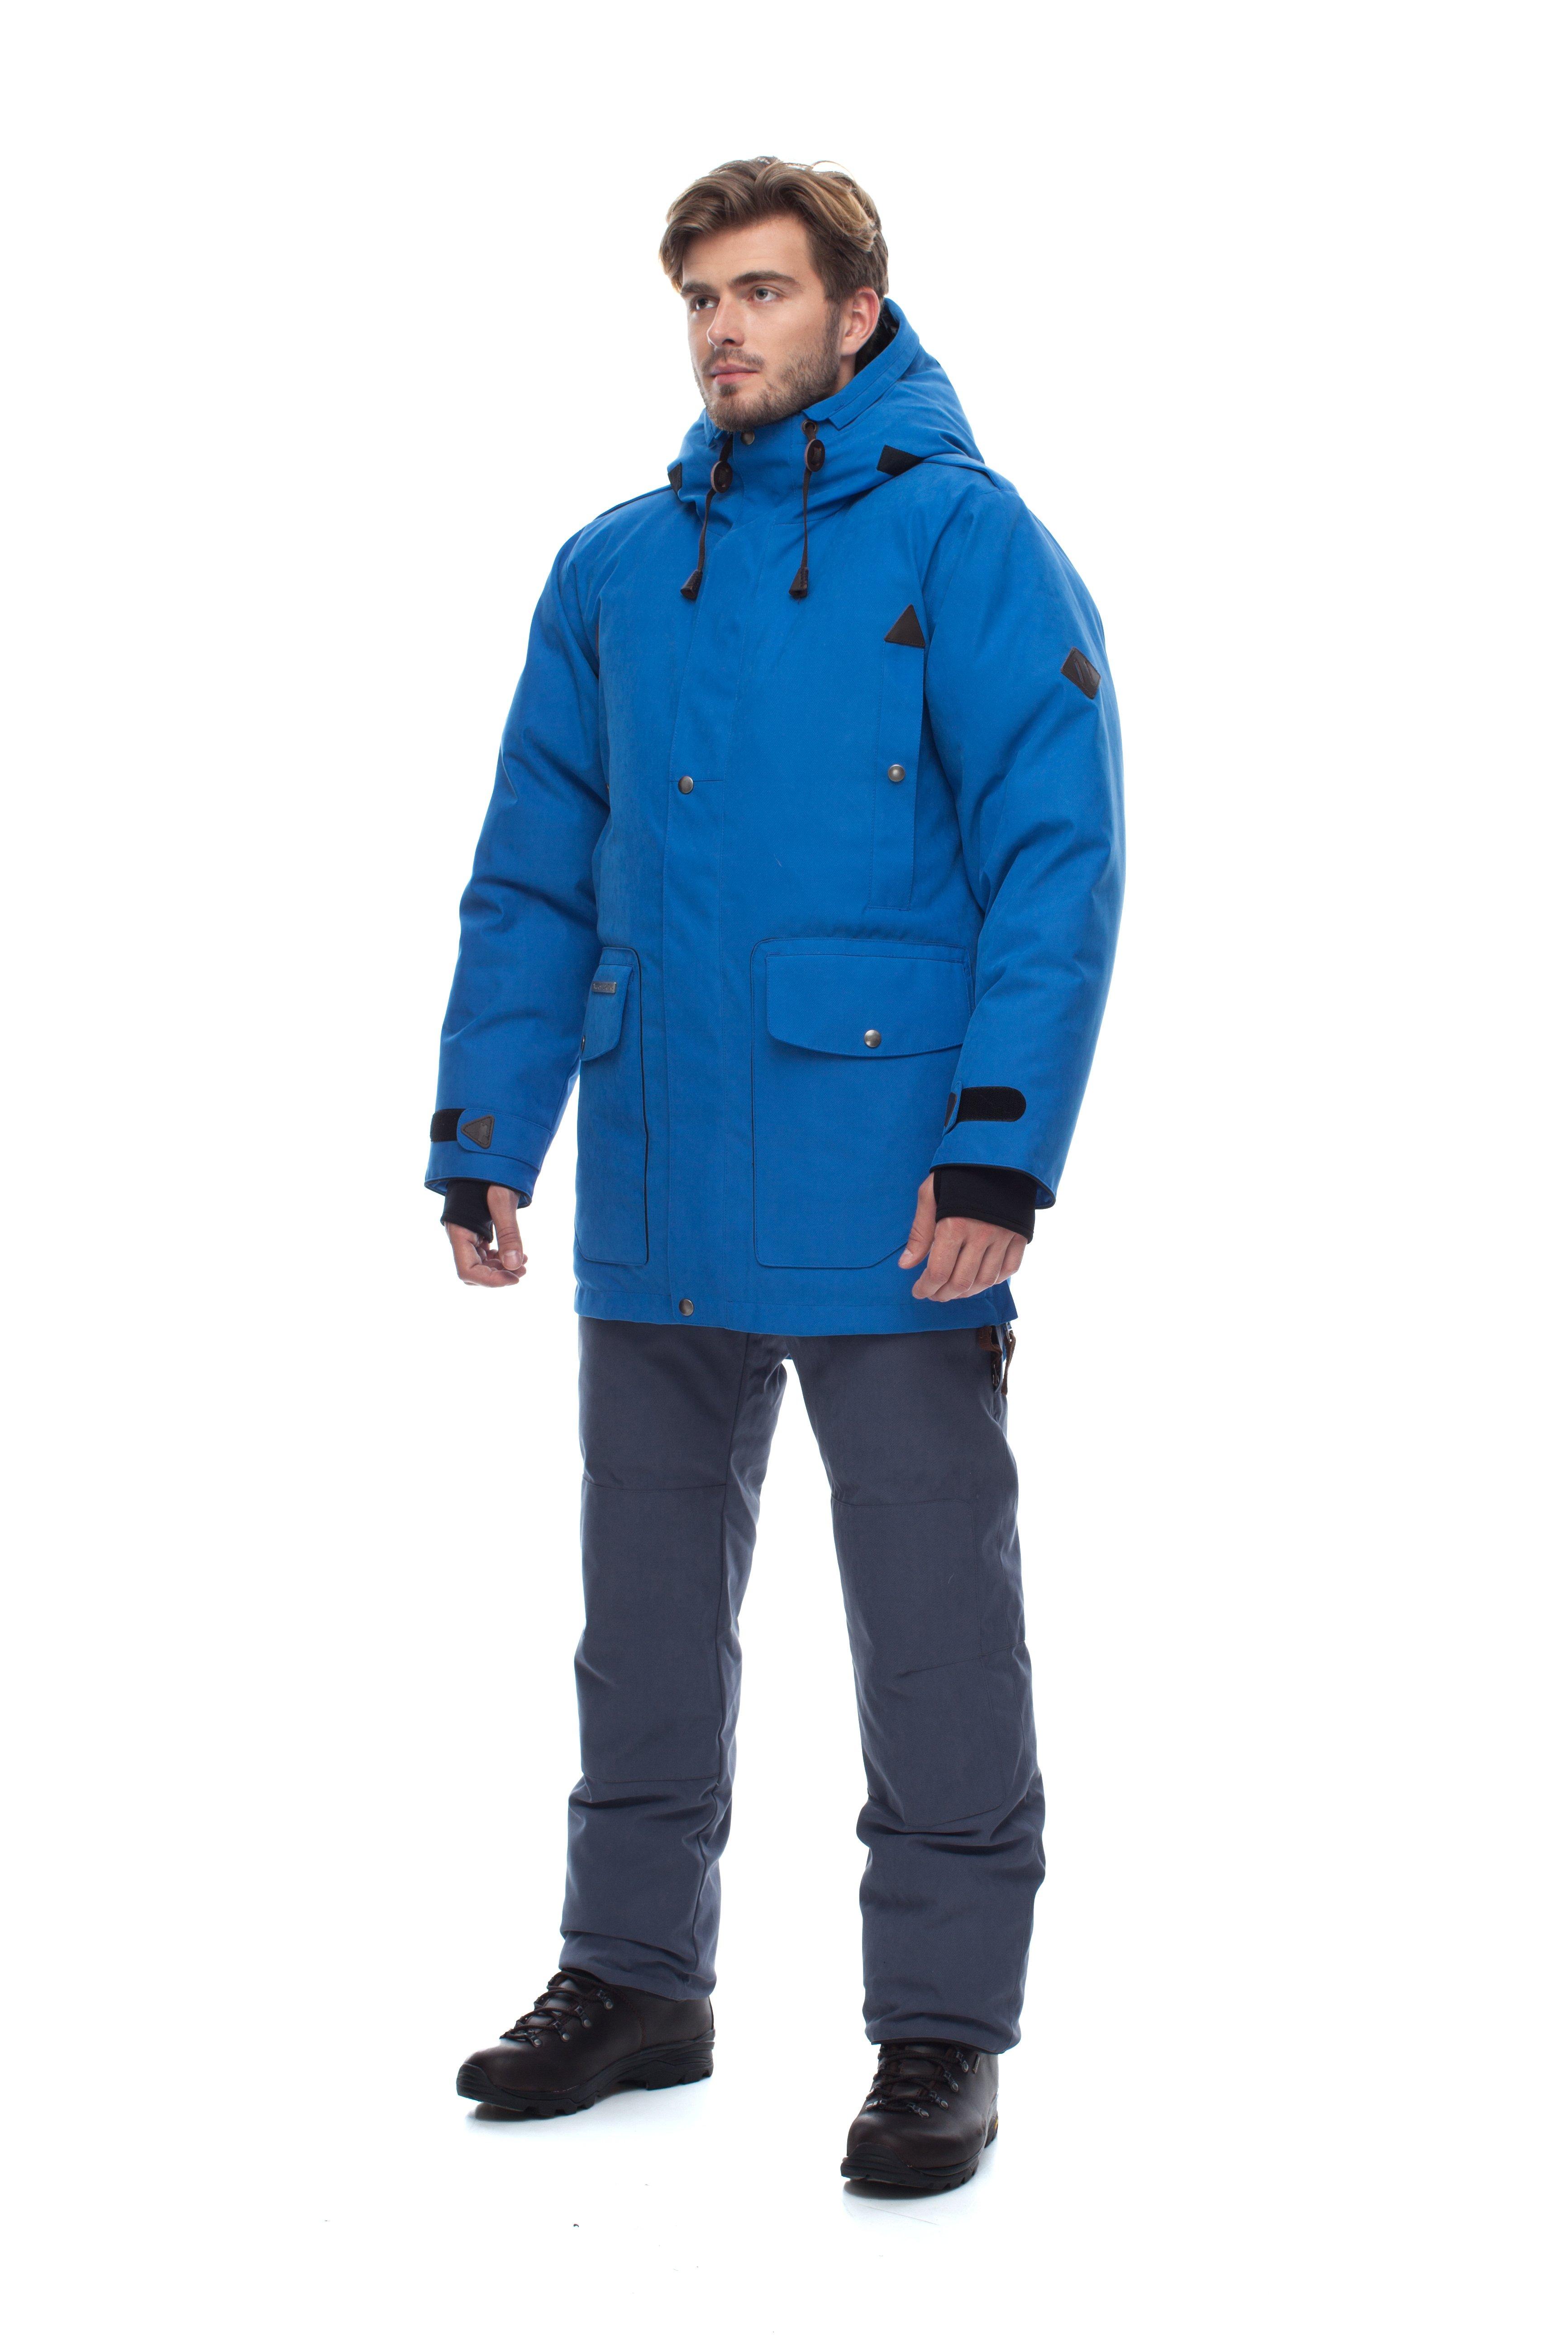 Пуховая куртка BASK PUTORANA HARD 3774Куртки<br>Зимняя мужская пуховая куртка PUTORANA HARD с мембранной тканью и с температурным режимом -35 °С.<br><br>Верхняя ткань: Advance® Alaska<br>Вес граммы: 2155<br>Вес утеплителя: 400<br>Ветро-влагозащитные свойства верхней ткани: Да<br>Ветрозащитная планка: Да<br>Ветрозащитная юбка: Нет<br>Влагозащитные молнии: Нет<br>Внутренние манжеты: Да<br>Внутренняя ткань: Advance® Classic<br>Водонепроницаемость: 5000<br>Дублирующий центральную молнию клапан: Да<br>Защитный козырёк капюшона: Нет<br>Капюшон: Несъемный<br>Карман для средств связи: Нет<br>Количество внешних карманов: 8<br>Количество внутренних карманов: 2<br>Мембрана: Да<br>Объемный крой локтевой зоны: Нет<br>Отстёгивающиеся рукава: Нет<br>Паропроницаемость: 5000<br>Показатель Fill Power (для пуховых изделий): 650<br>Пол: Мужской<br>Проклейка швов: Нет<br>Регулировка манжетов рукавов: Да<br>Регулировка низа: Нет<br>Регулировка объёма капюшона: Да<br>Регулировка талии: Да<br>Регулируемые вентиляционные отверстия: Нет<br>Световозвращающая лента: Нет<br>Температурный режим: -35<br>Технология Thermal Welding: Нет<br>Технология швов: Простые<br>Тип молнии: Двухзамковая<br>Тип утеплителя: Натуральный<br>Ткань усиления: нет<br>Усиление контактных зон: Нет<br>Утеплитель: Гусиный пух<br>Размер RU: 54<br>Цвет: БЕЖЕВЫЙ